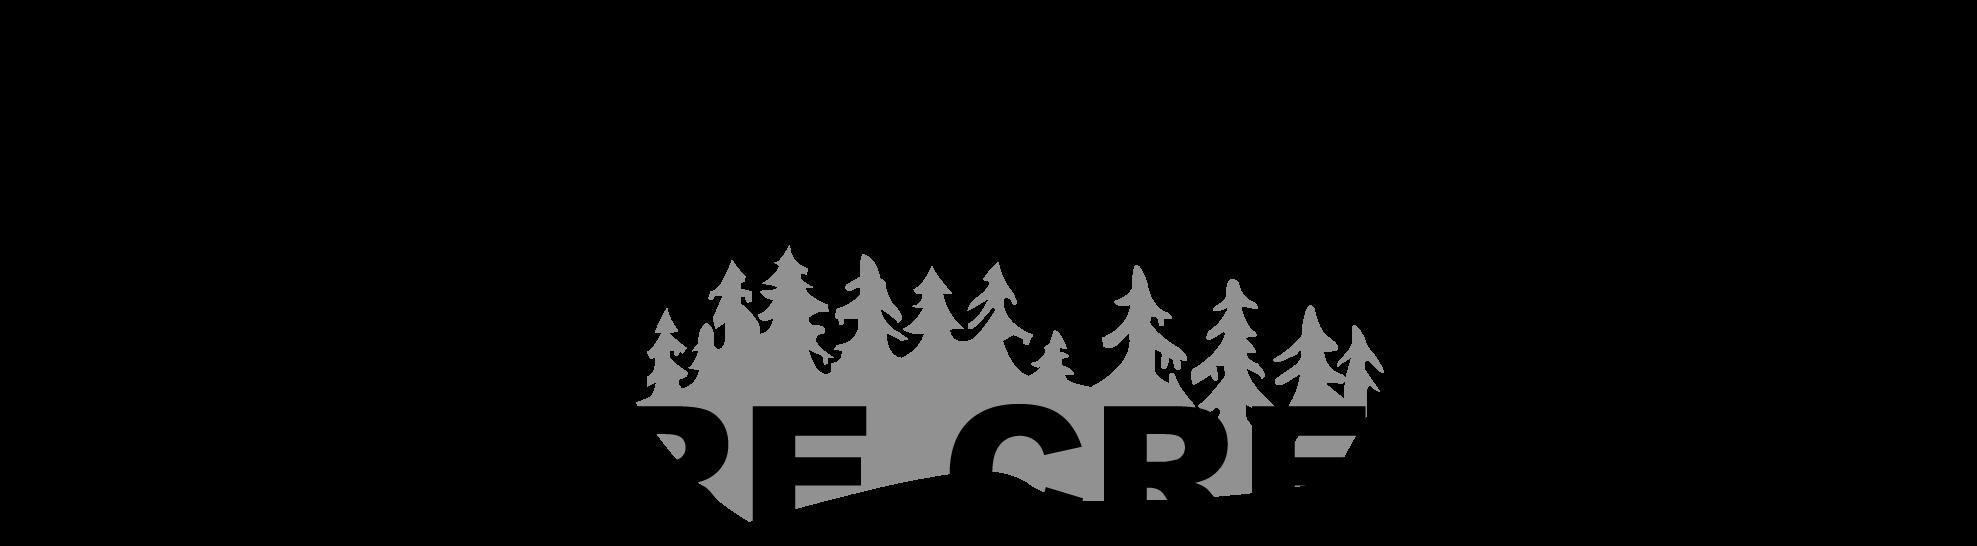 Waldbrandteam - Verein für Wald- und Flächenbrandbekämpfung e.V.